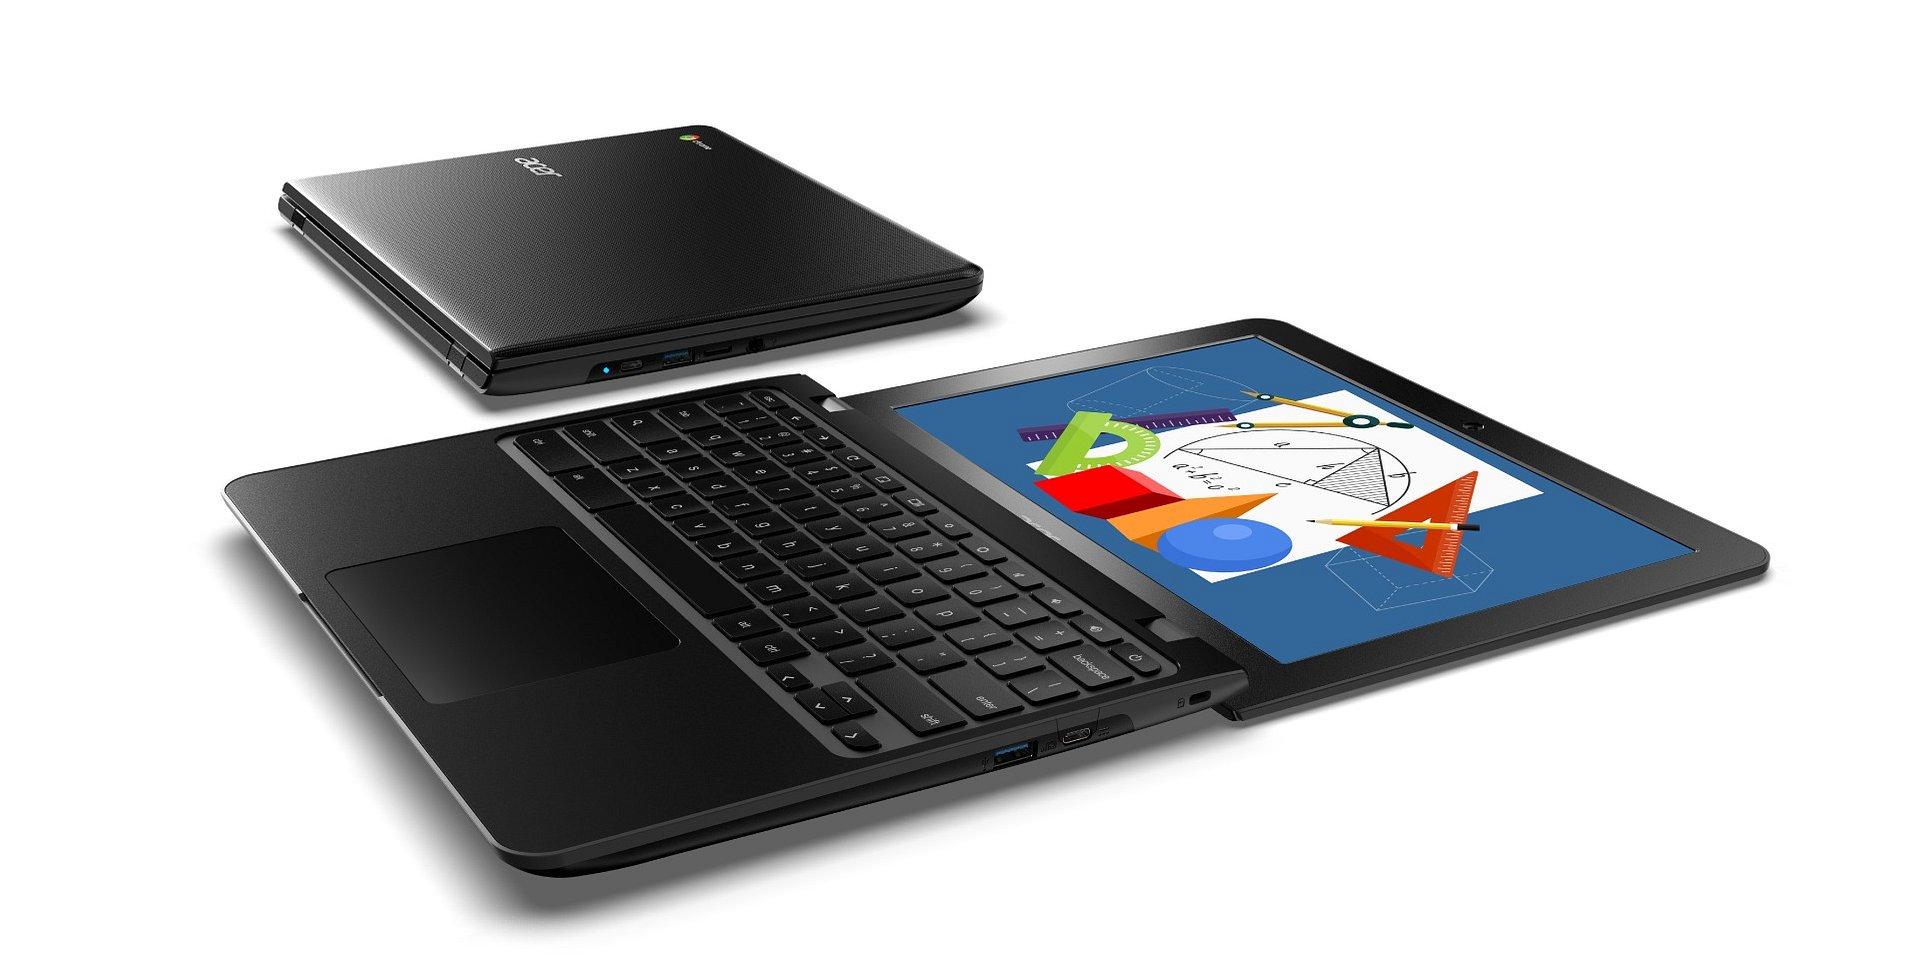 12-calowe Chromebooki do sal lekcyjnych zaprezentowane na BETT 2019